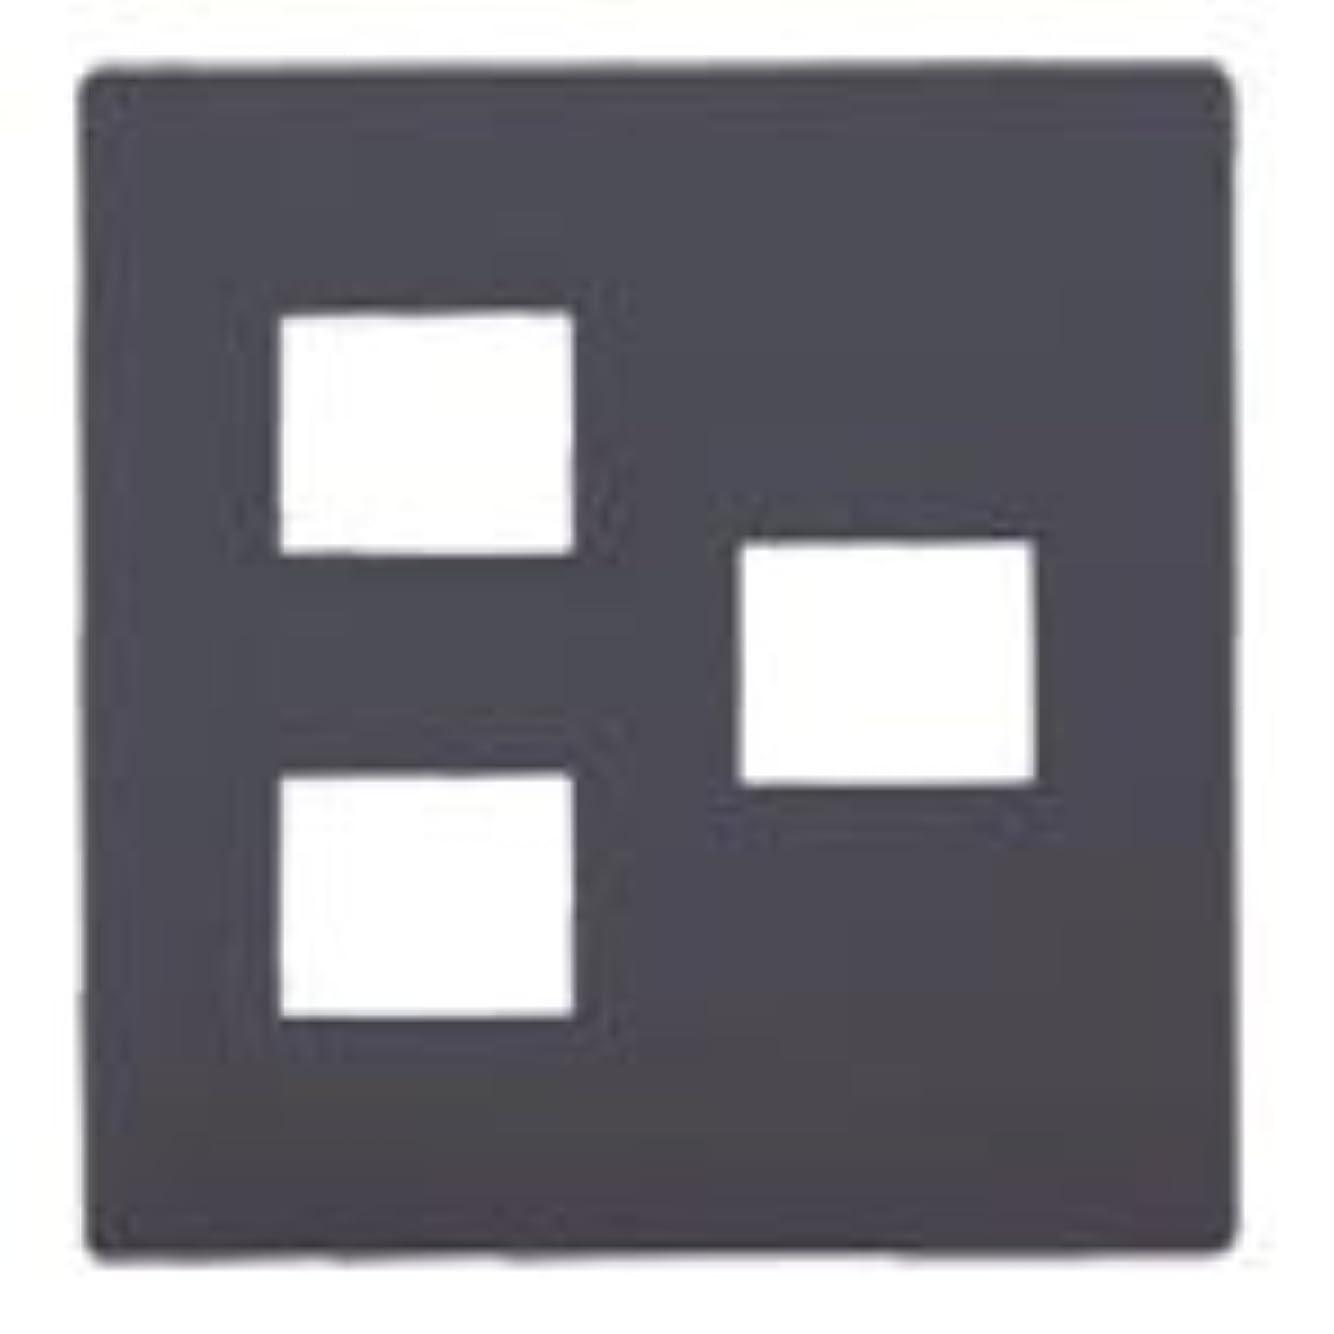 過言旅賢いPanasonic アドバンスシリーズ 簡易耐火コンセントプレート 3コ用(2コ+1コ用)マットグレー WTL7773H